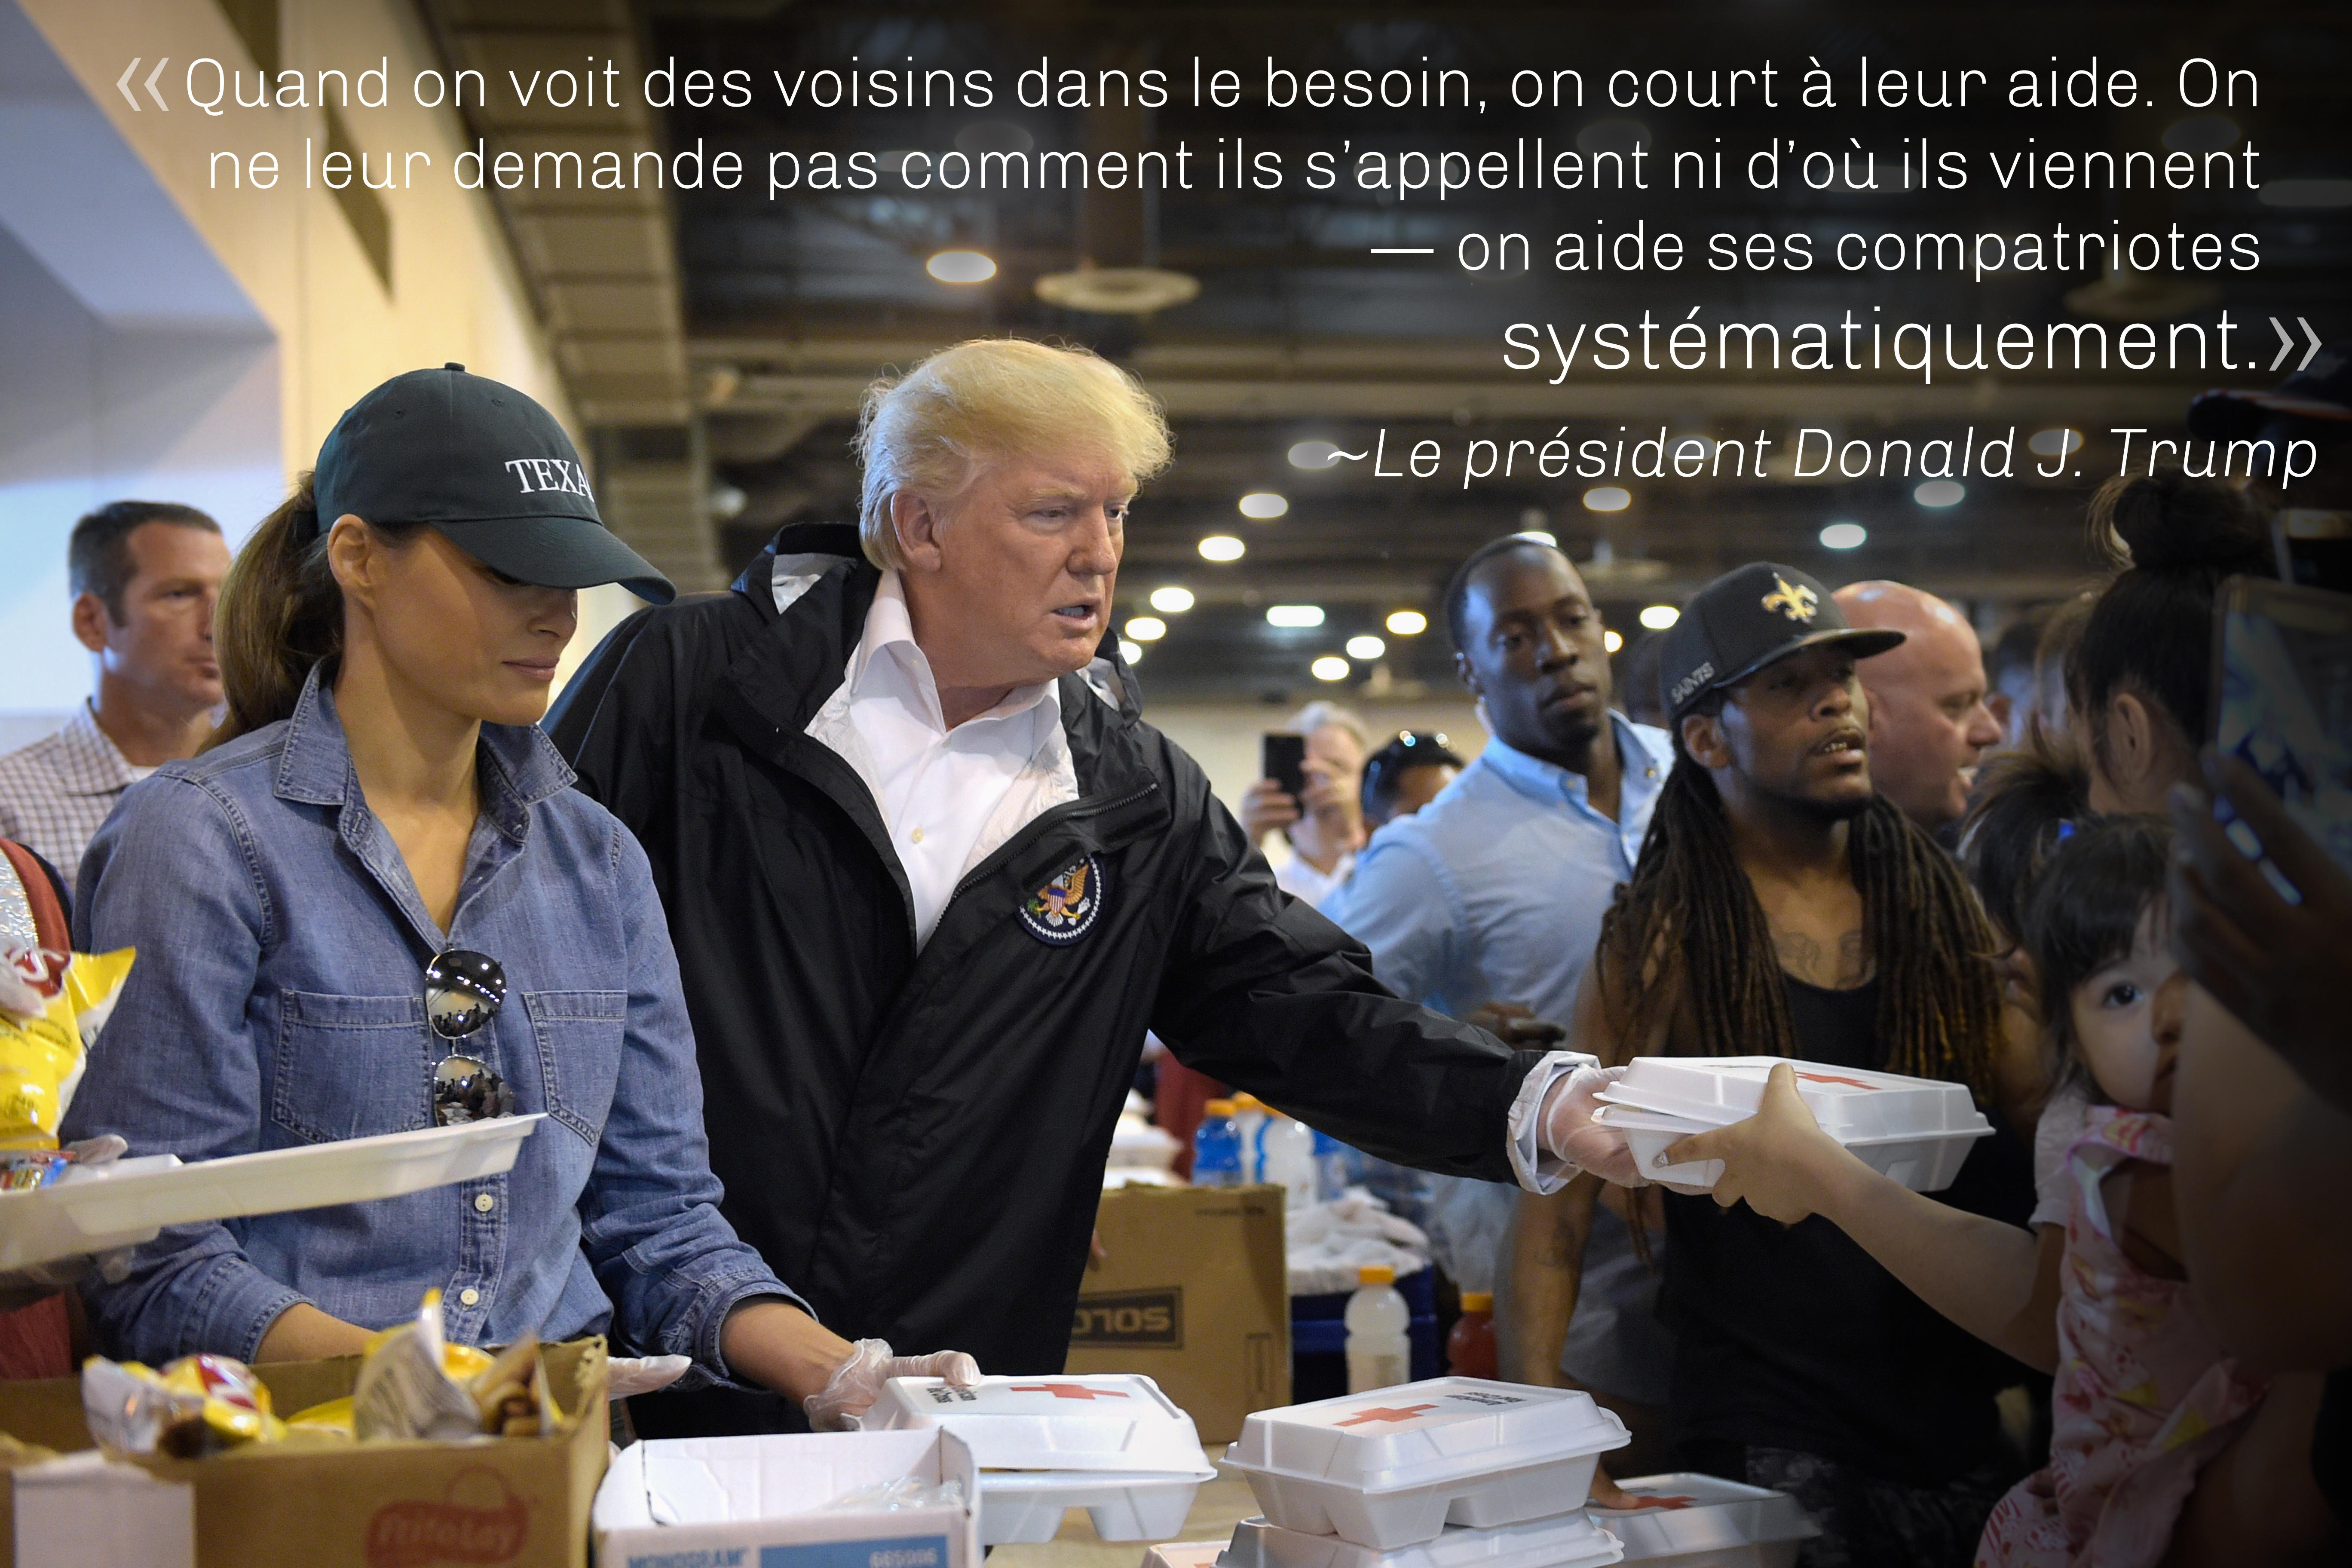 Citation du président Trump sur une photo le montrant en compagnie de Melania Trump en train de distribuer des repas (© AP Images)